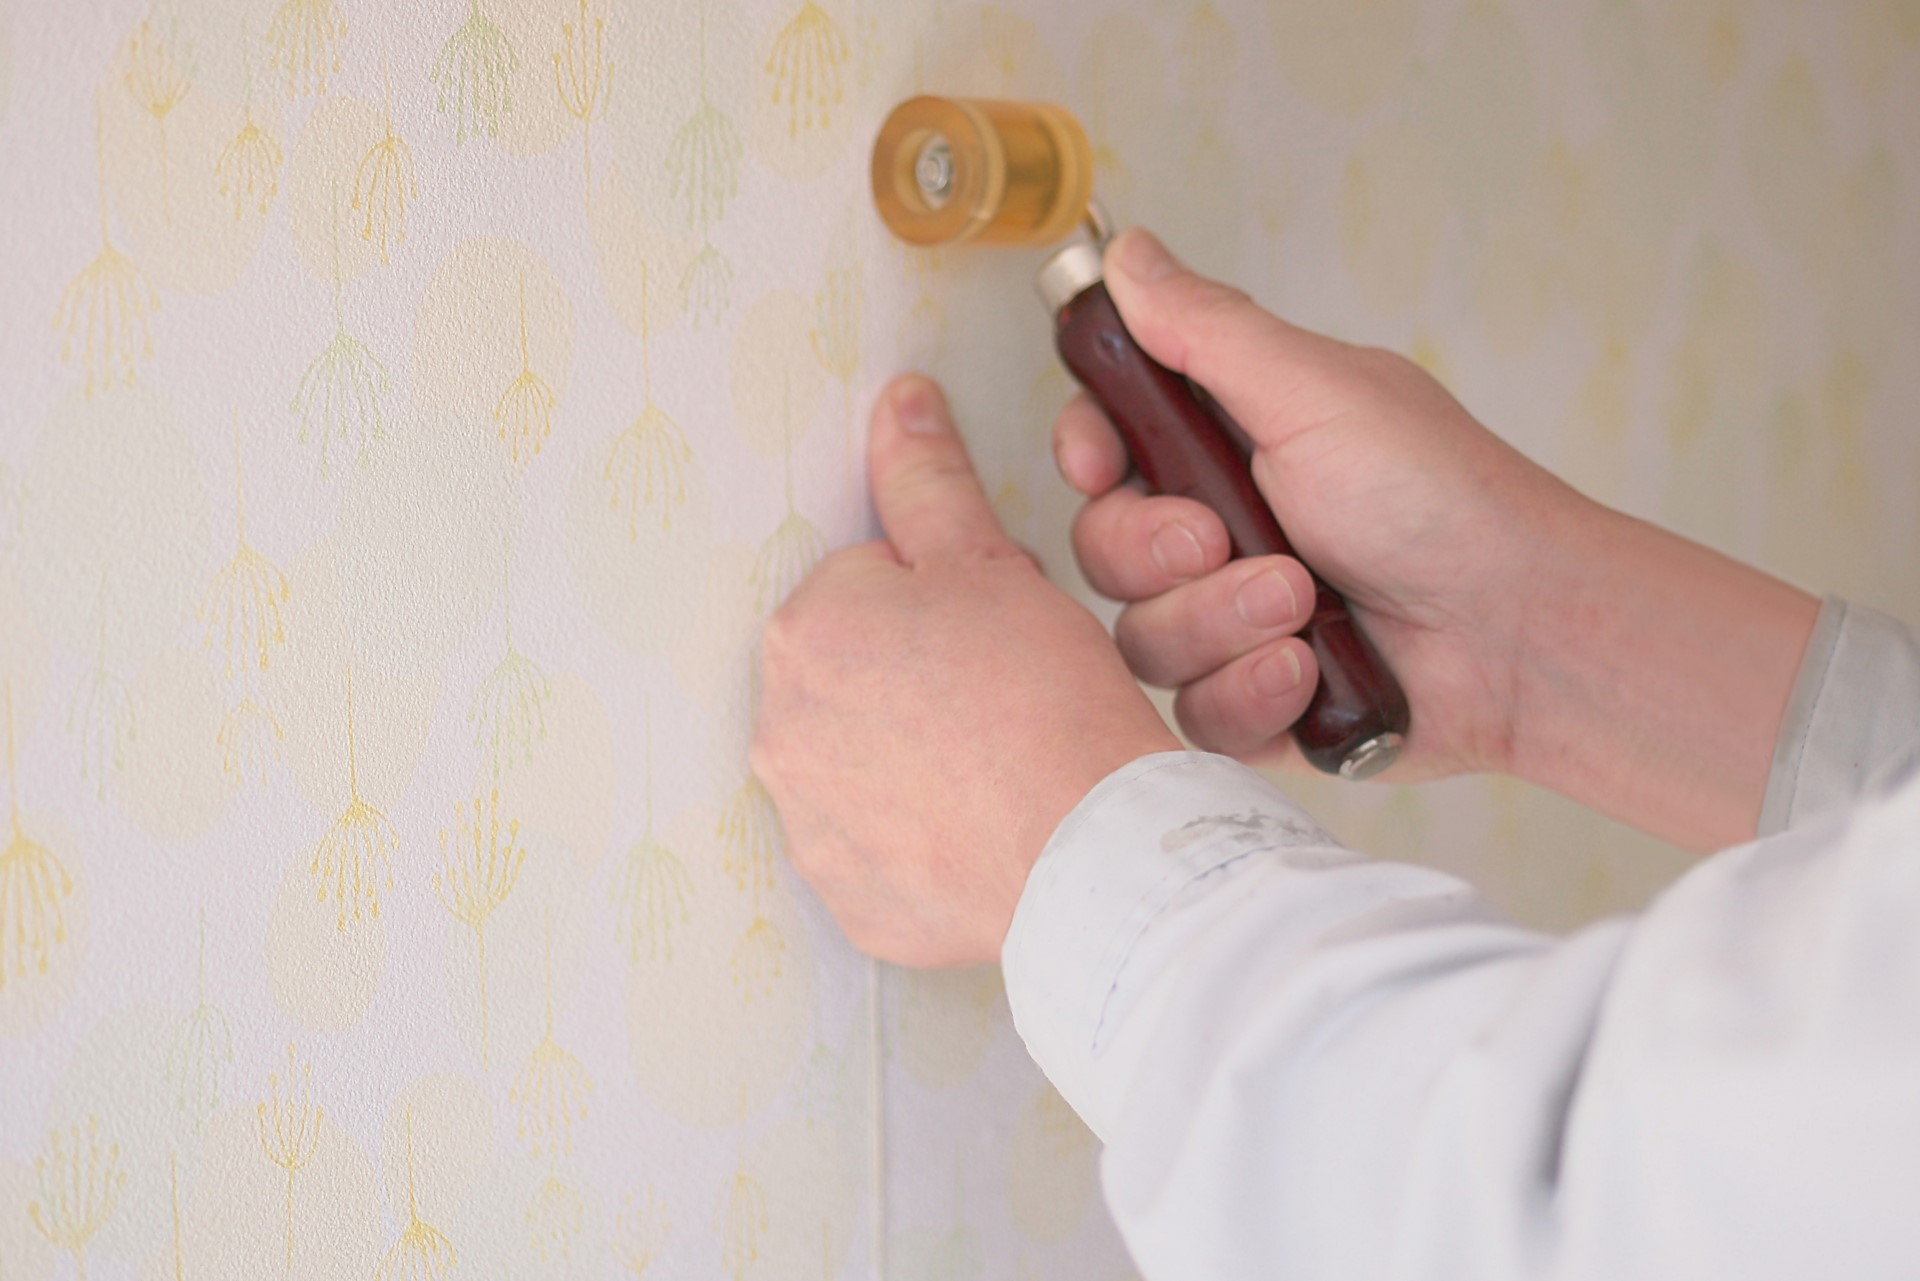 部分的な壁紙張り替え方法